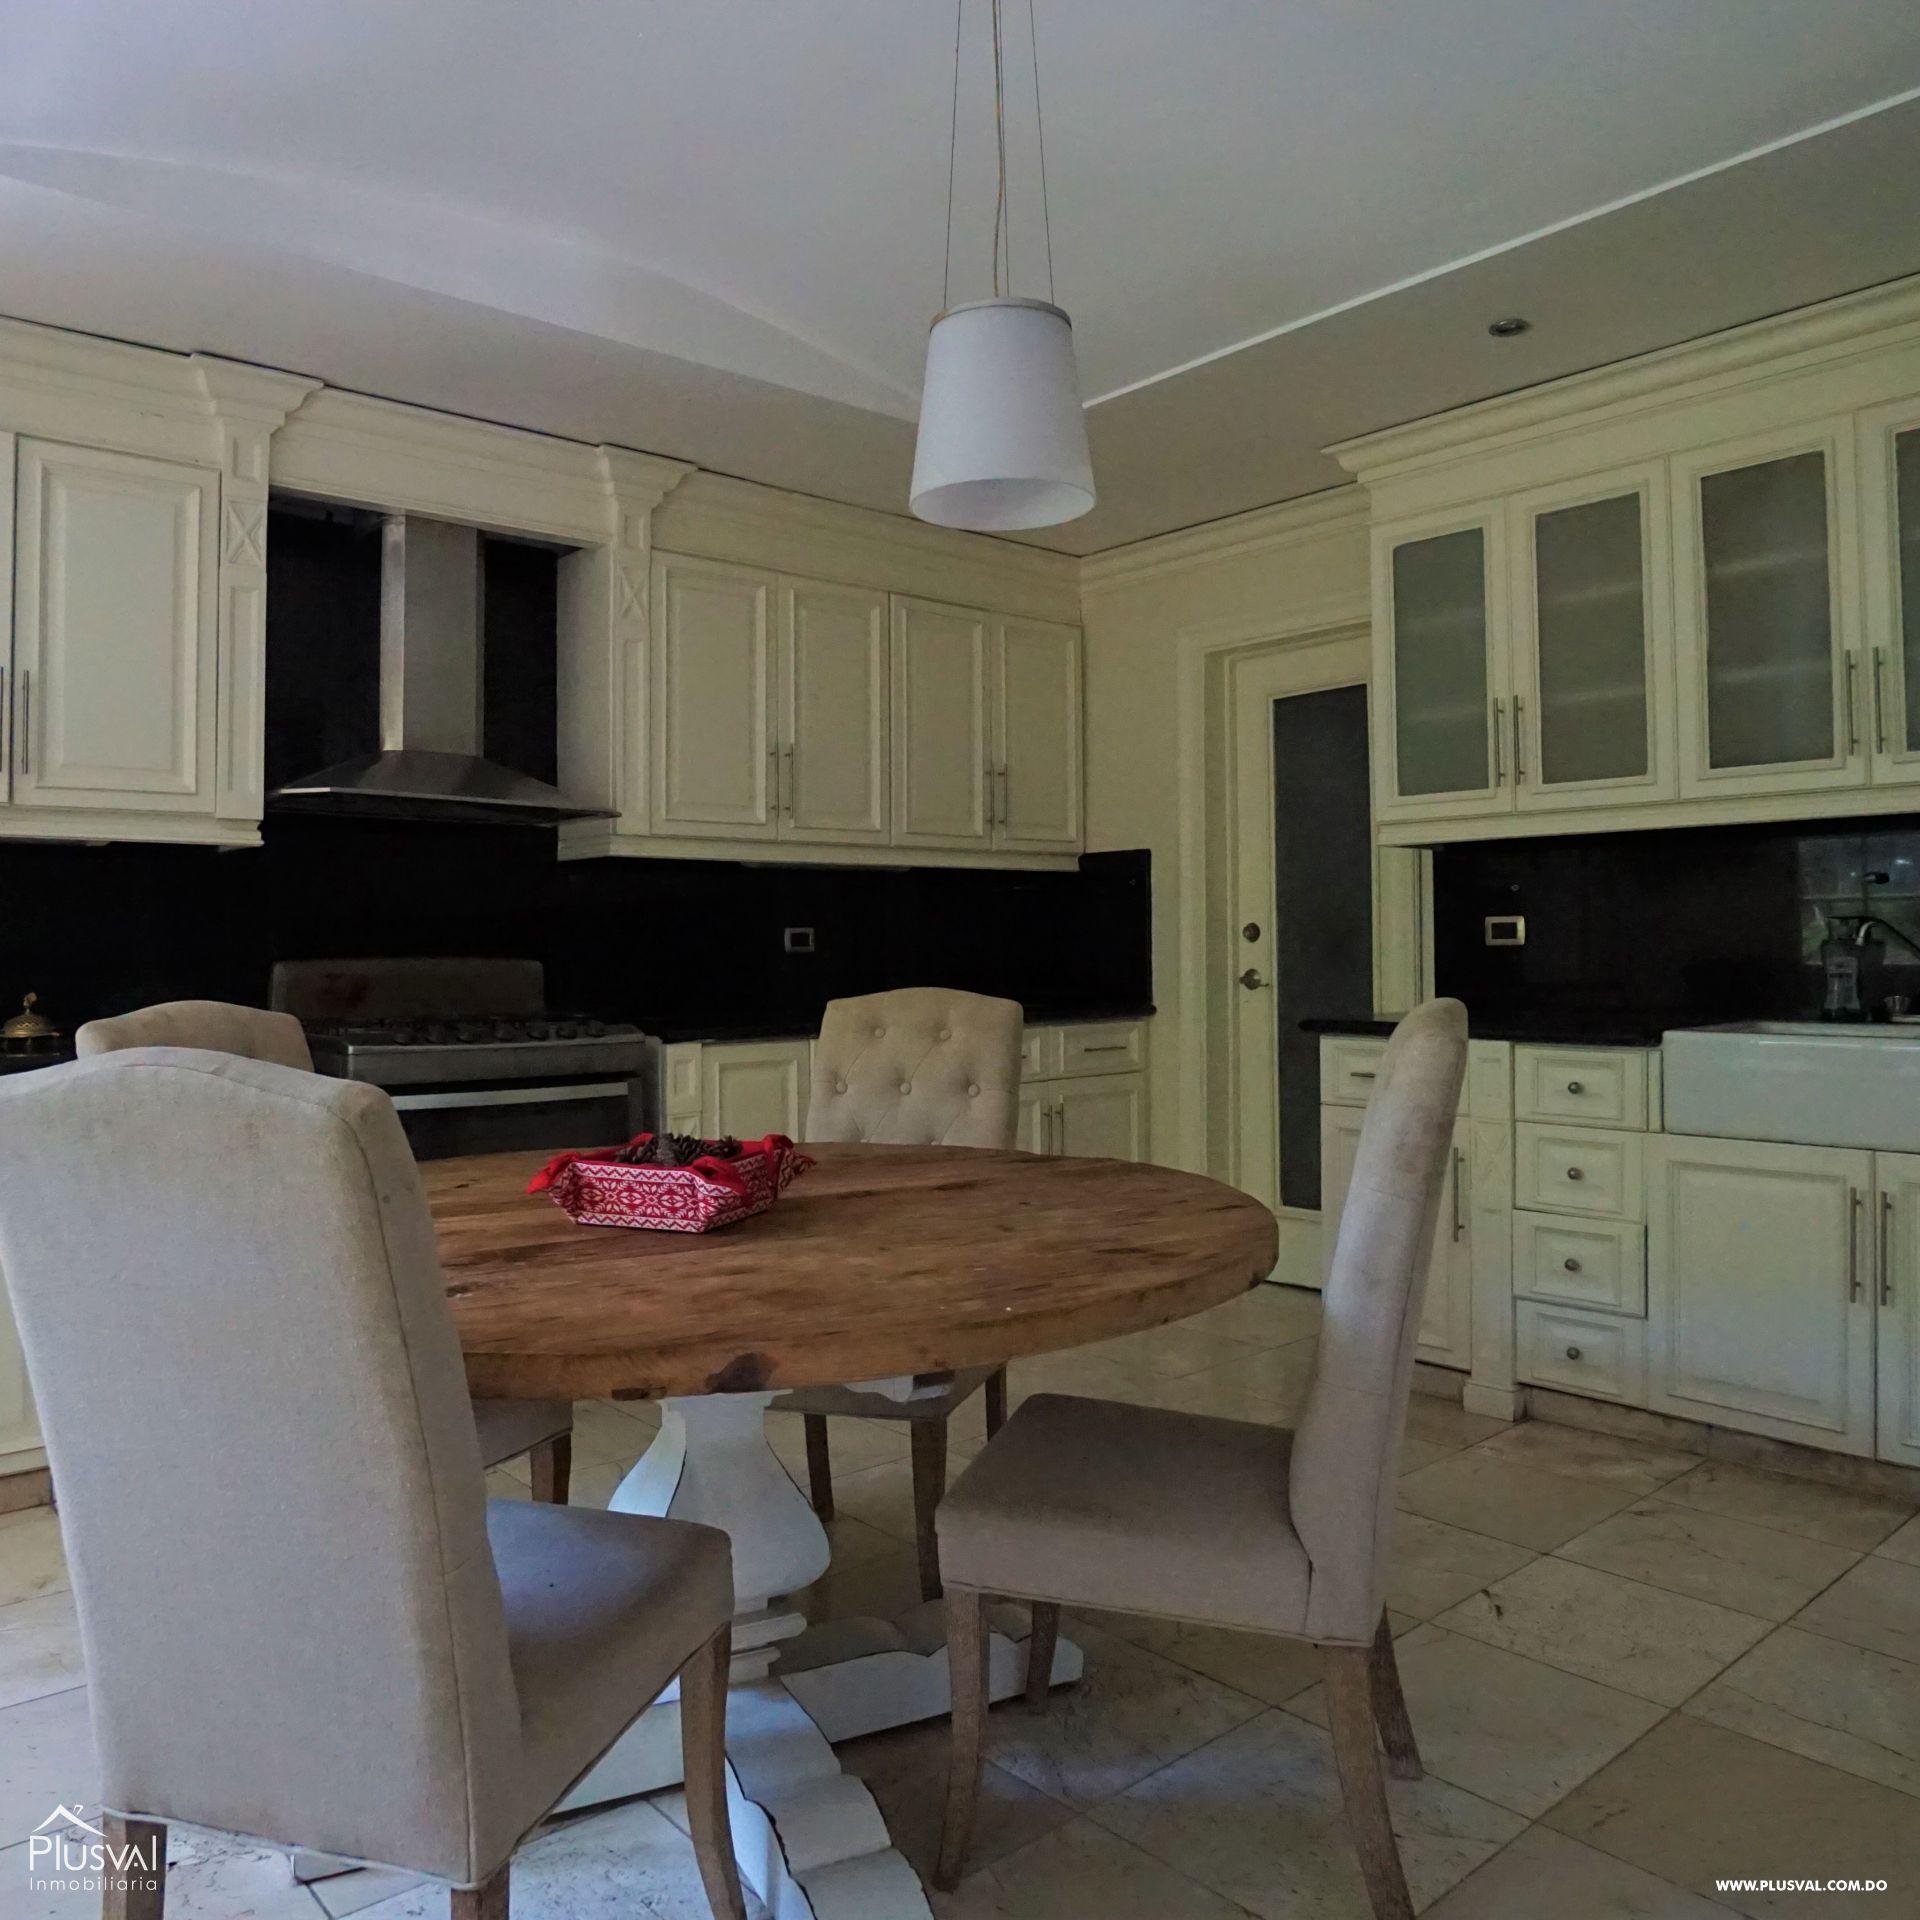 Casa de lujo en venta Arroyo Hondo Viejo 165342